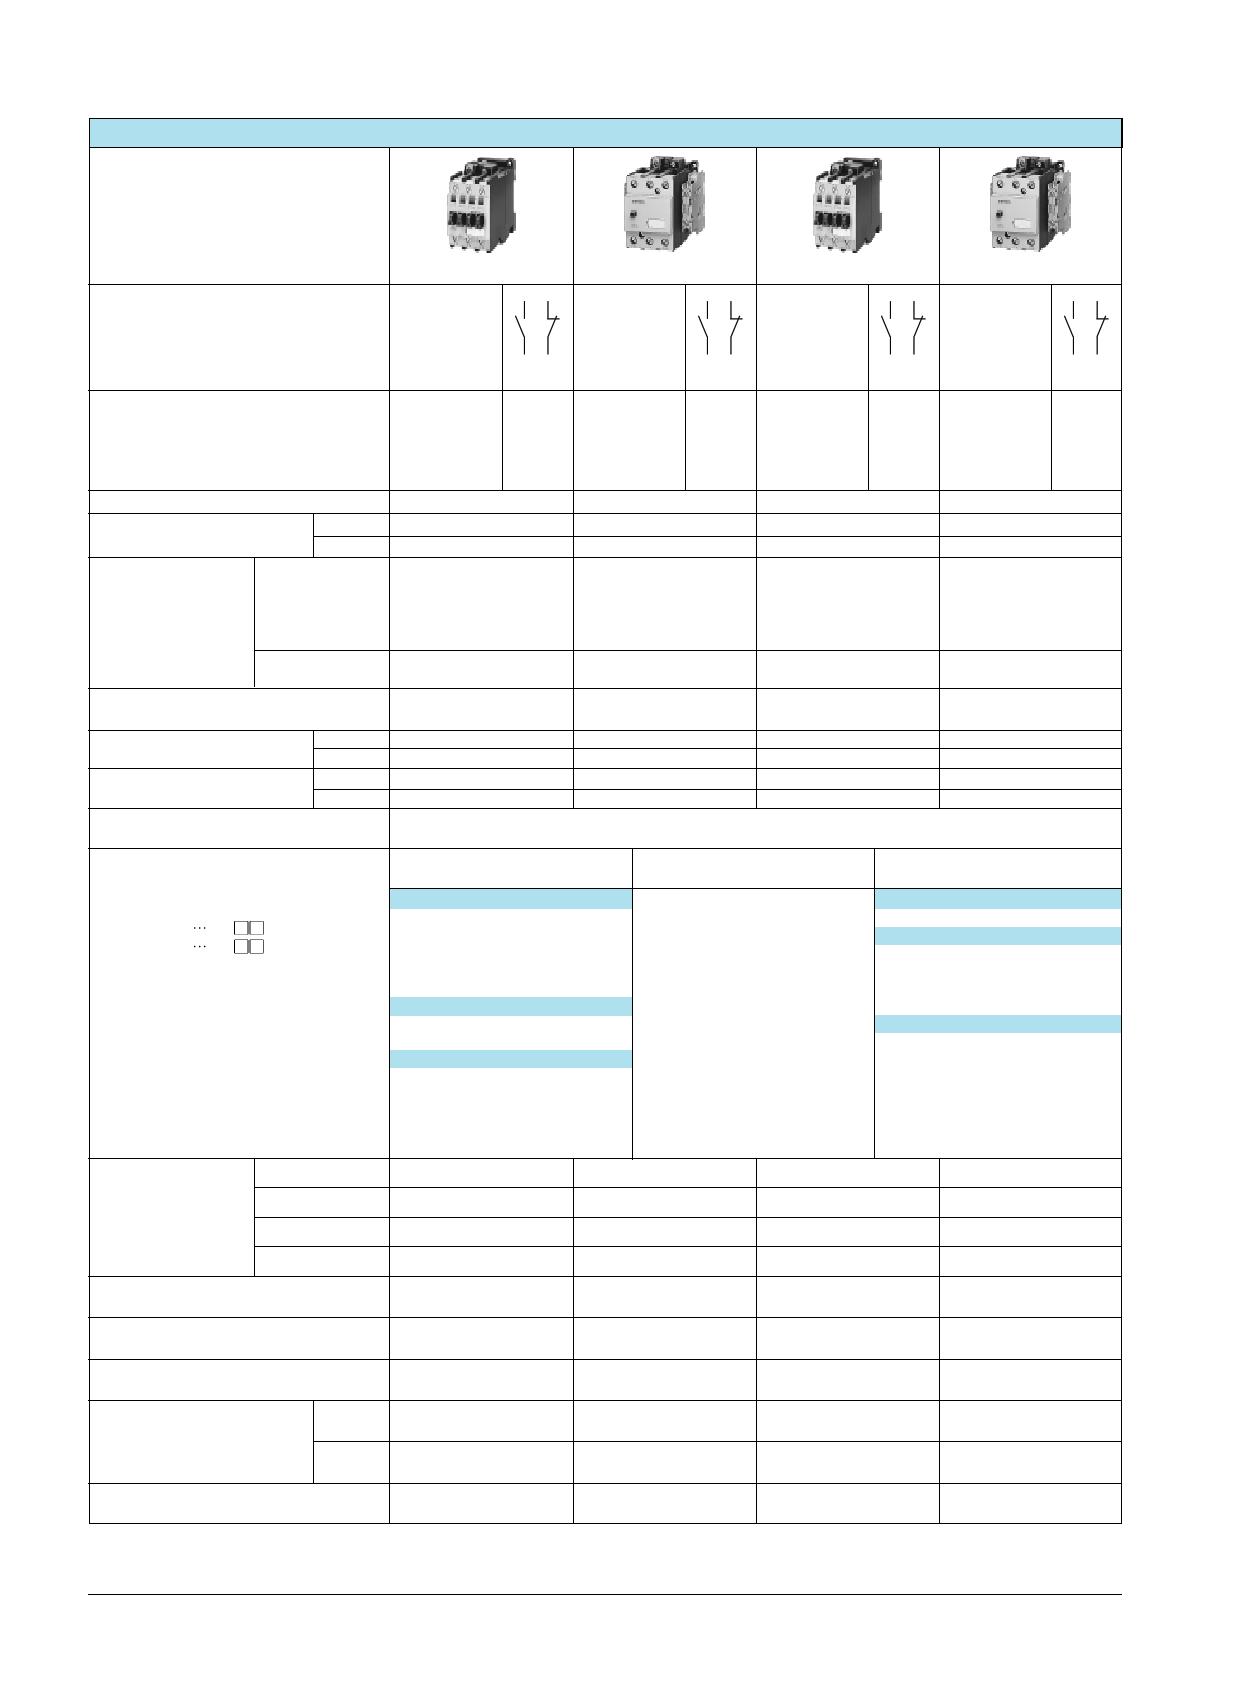 3TF56 pdf, ピン配列